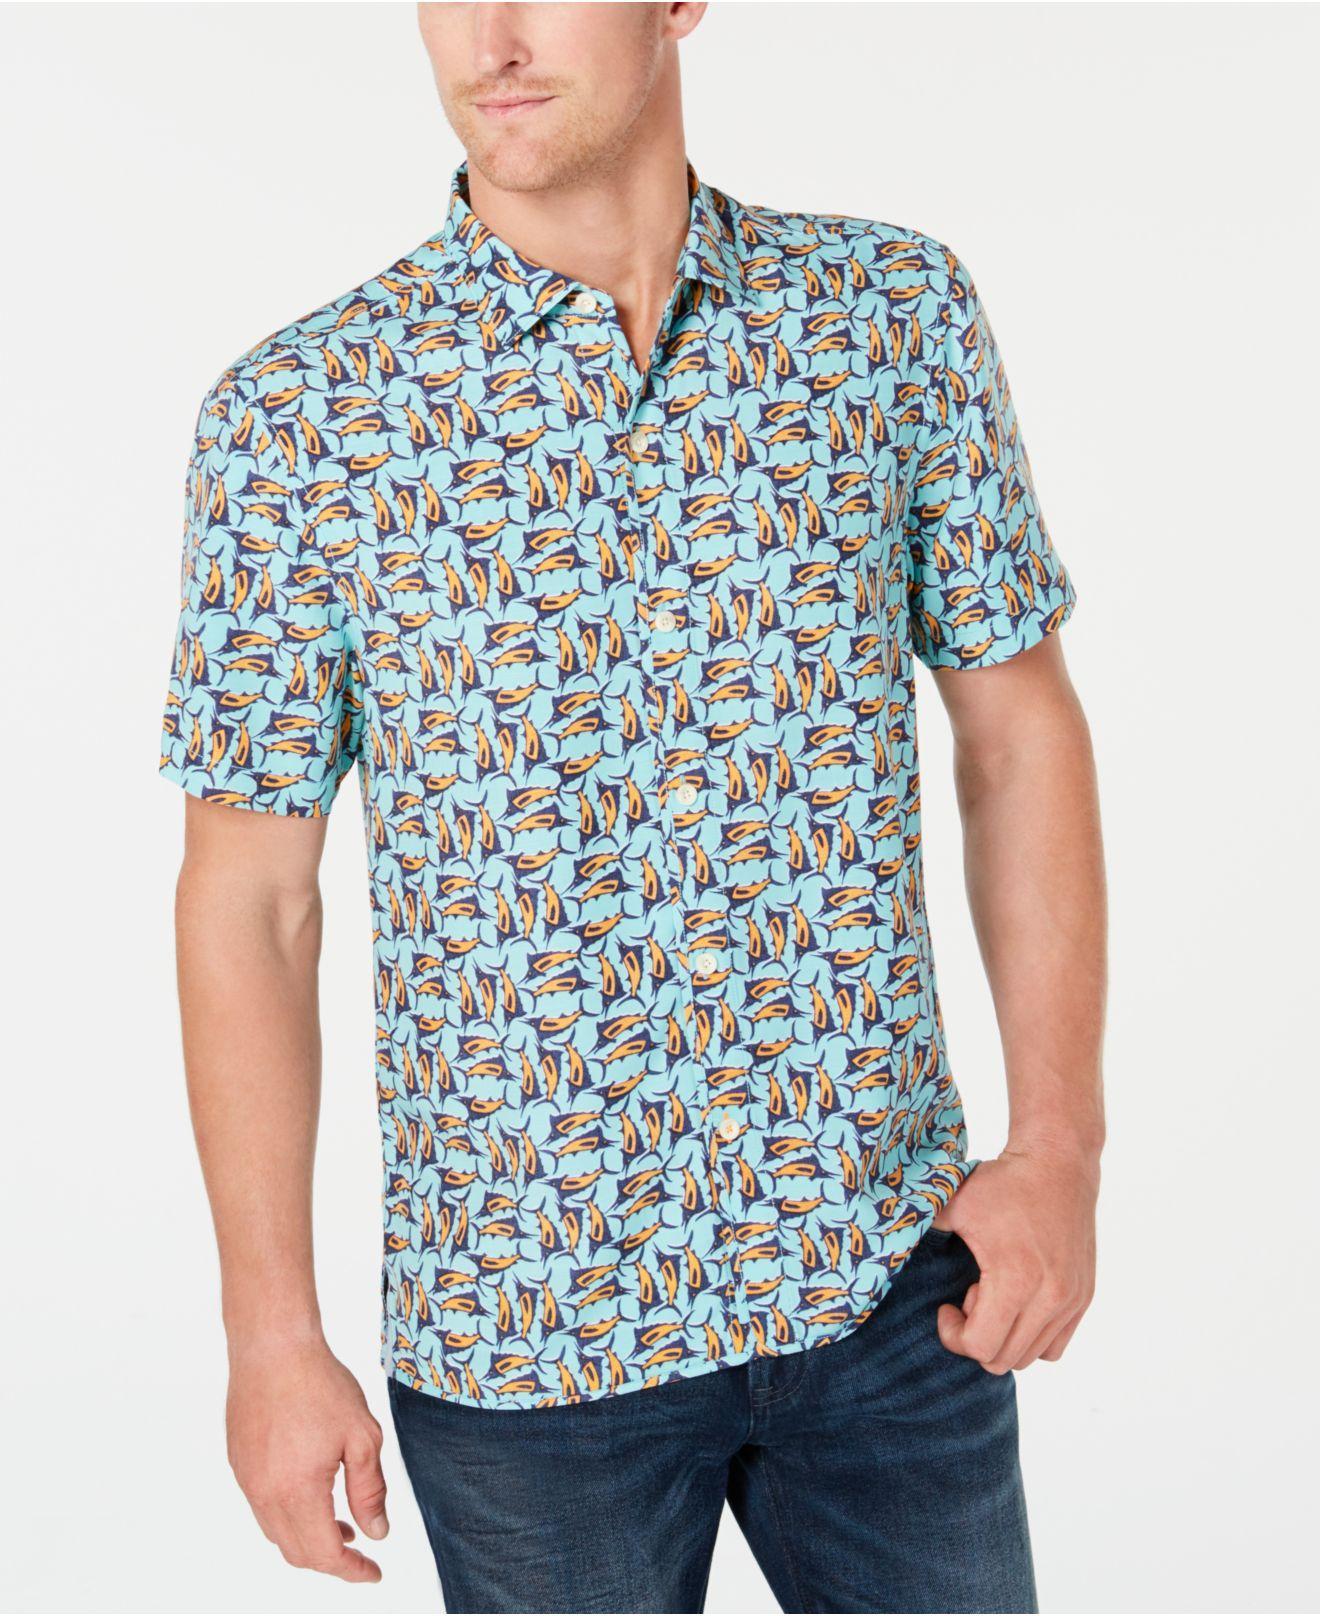 b2329b1b Lyst - Tommy Bahama Moorea Marlins Print Hawaiian Shirt in Blue for ...